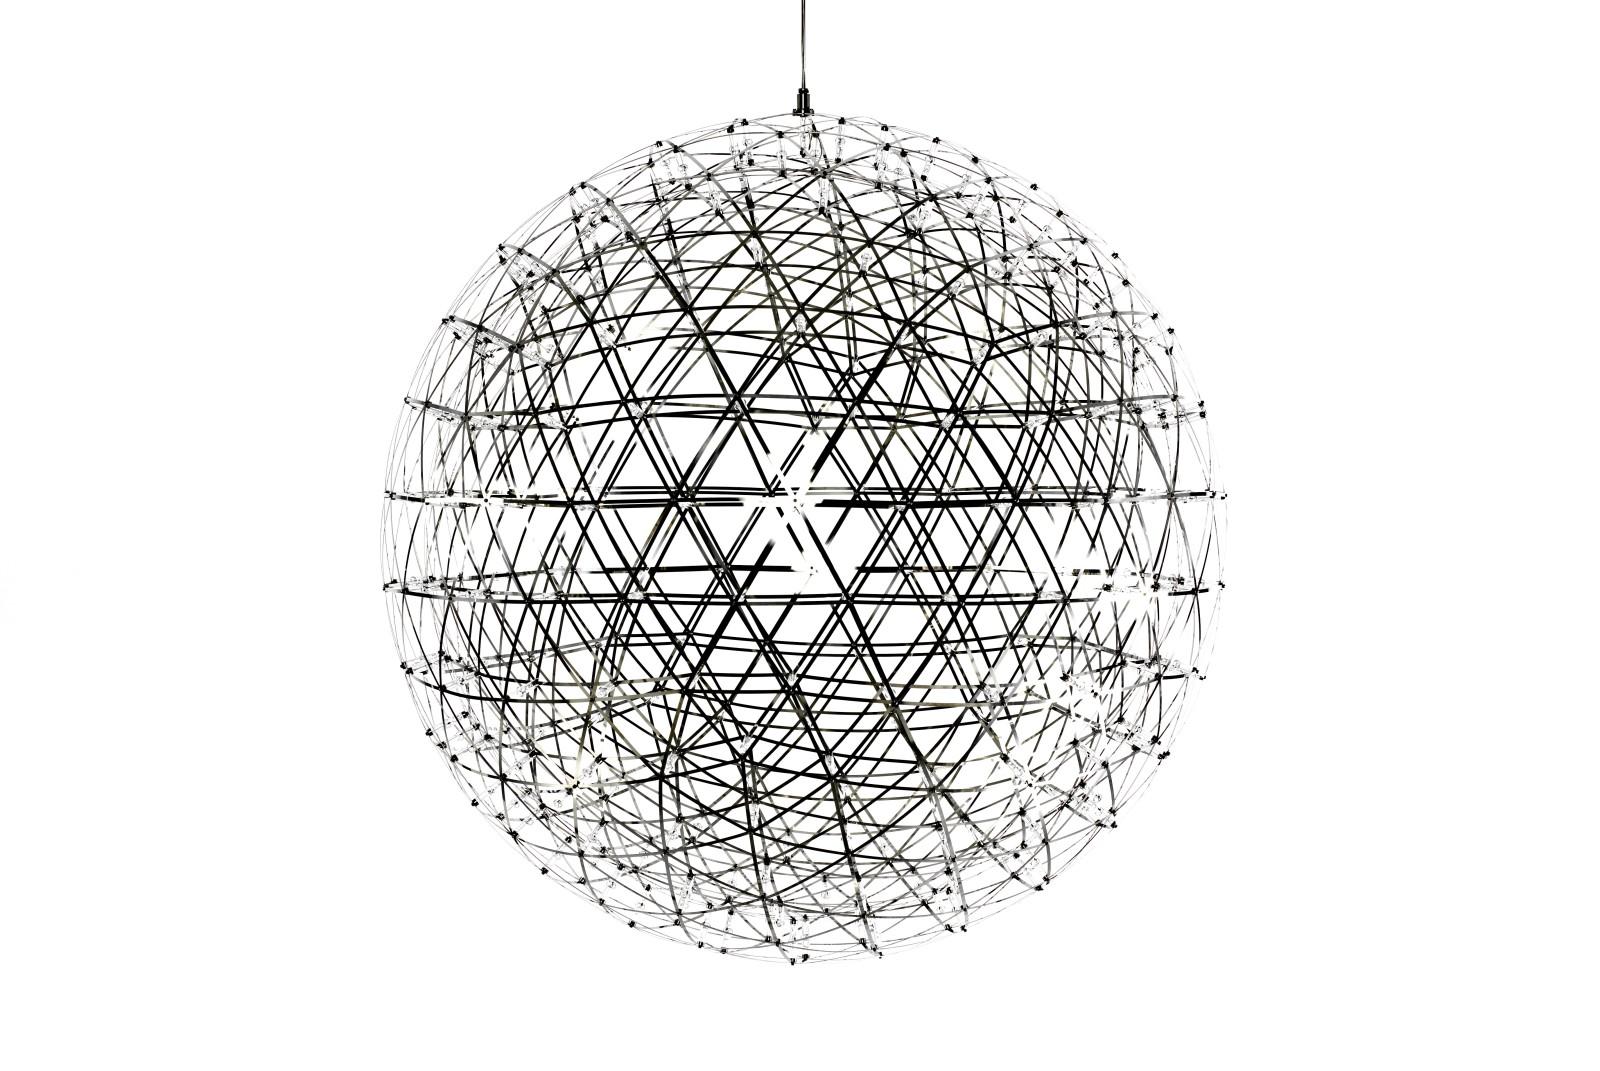 Raimond Pendant Light - Round 89cm Diameter, 400cm Cable Length, Dimmable